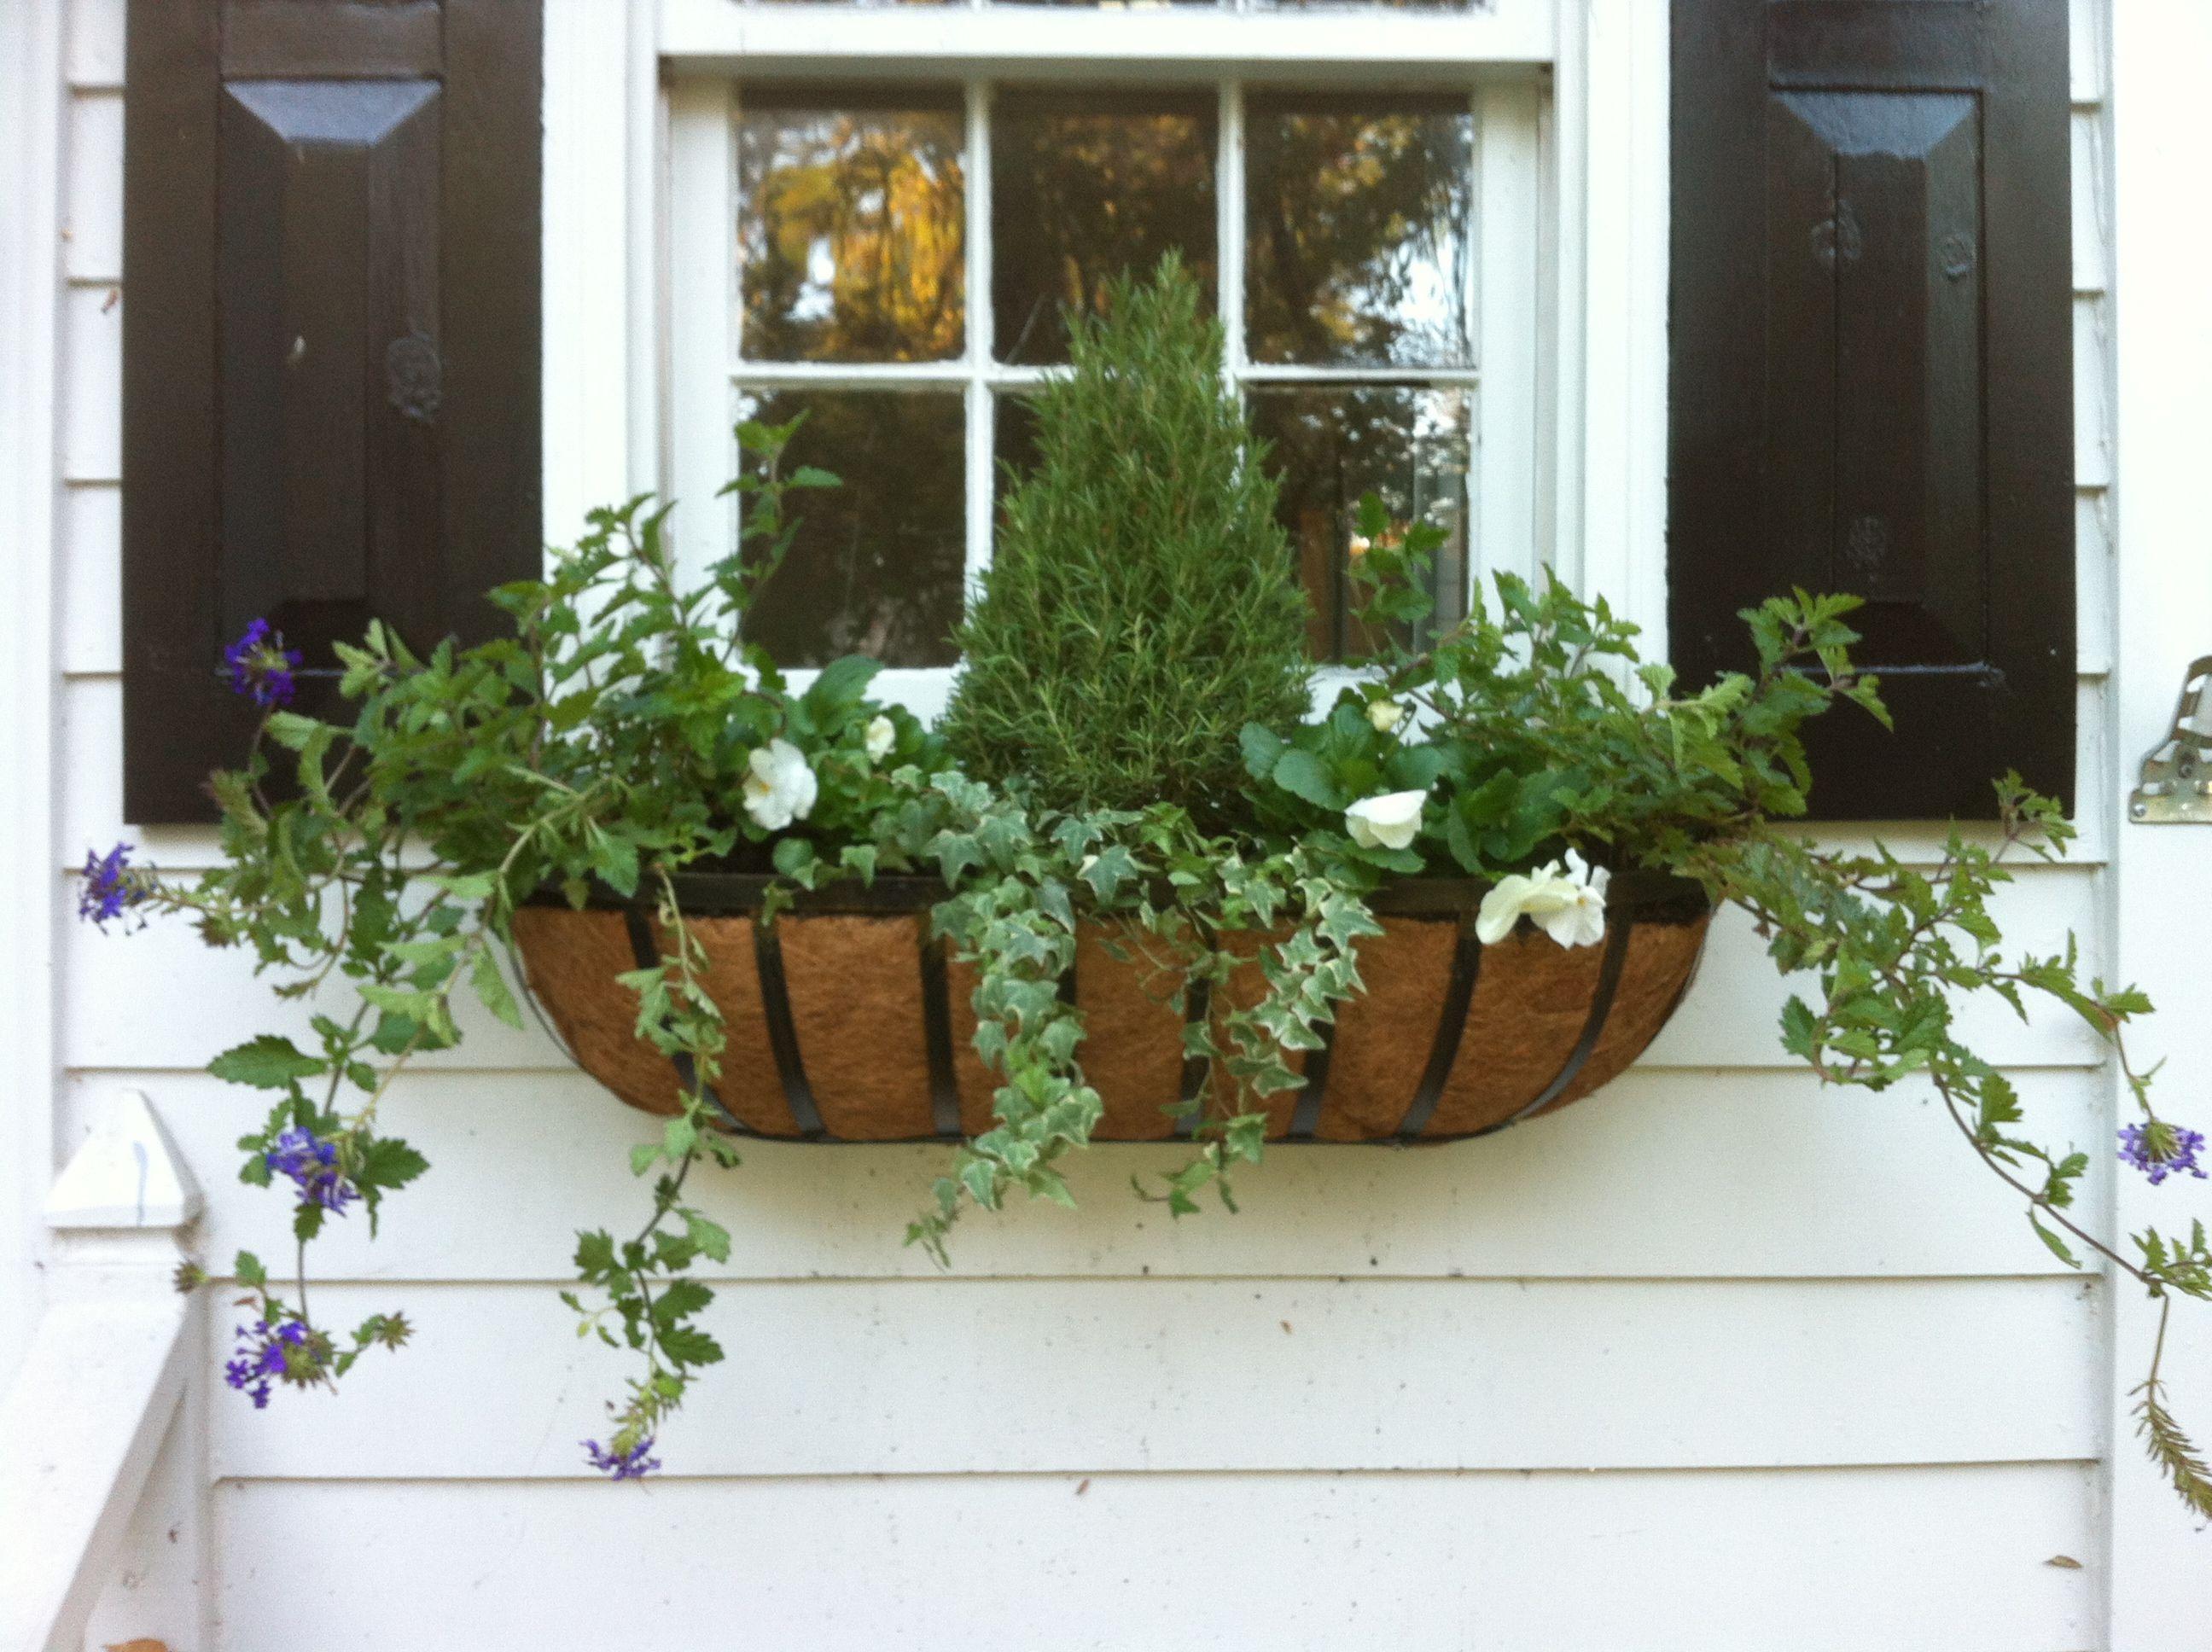 Pin By Elizabeth Preyer On My Style Winter Window Boxes Window Box Garden Room